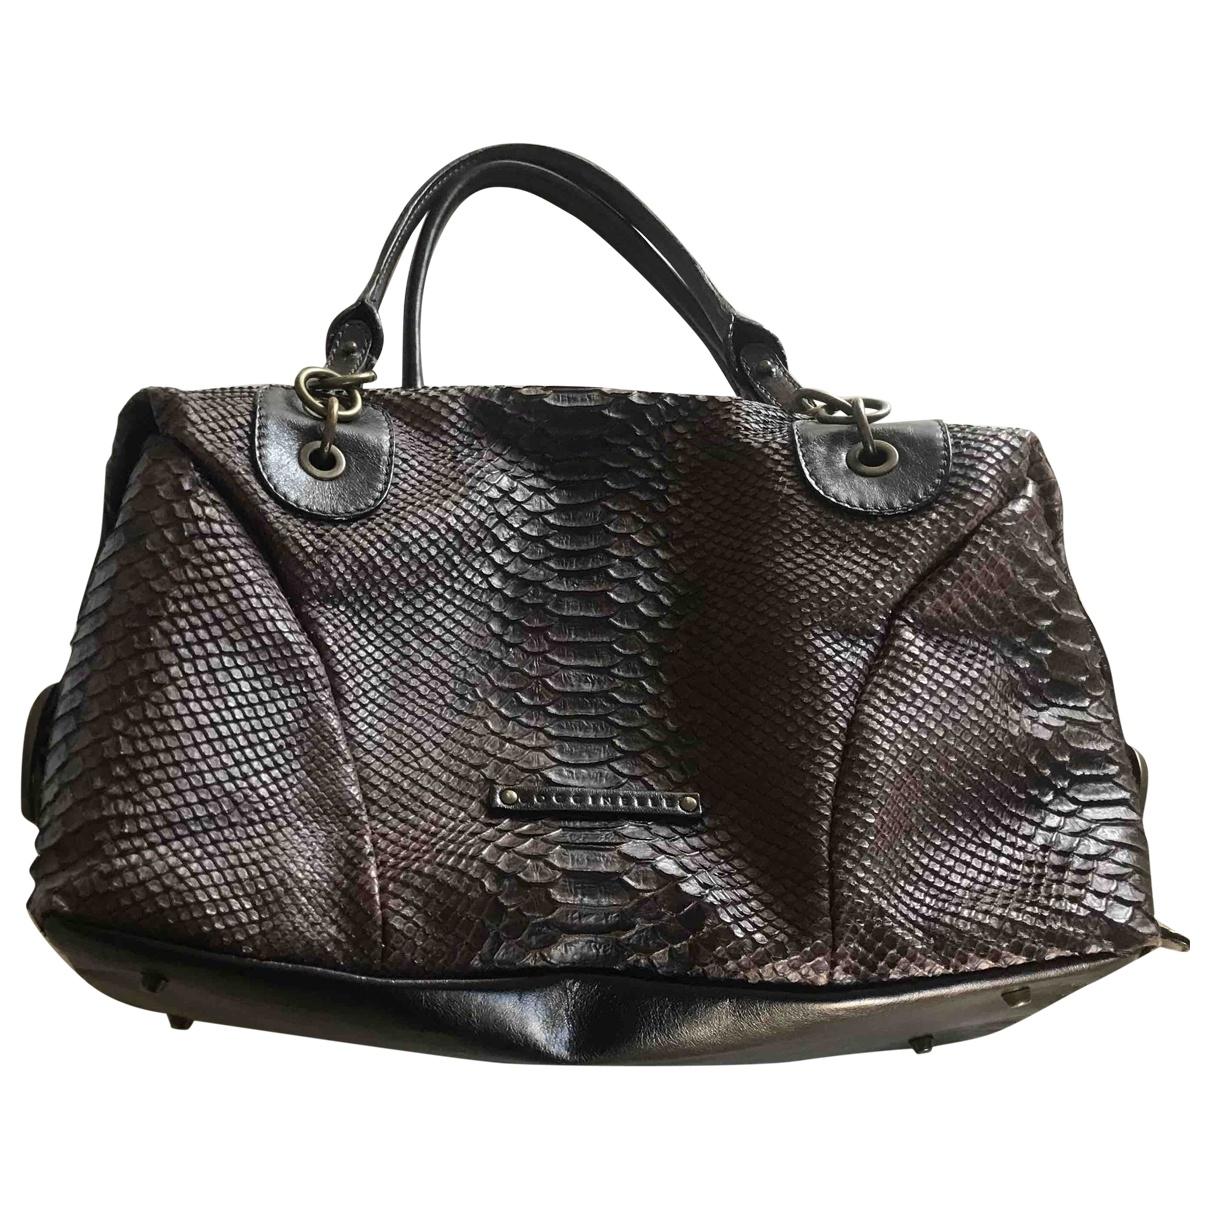 Coccinelle \N Handtasche in  Braun Exotenleder